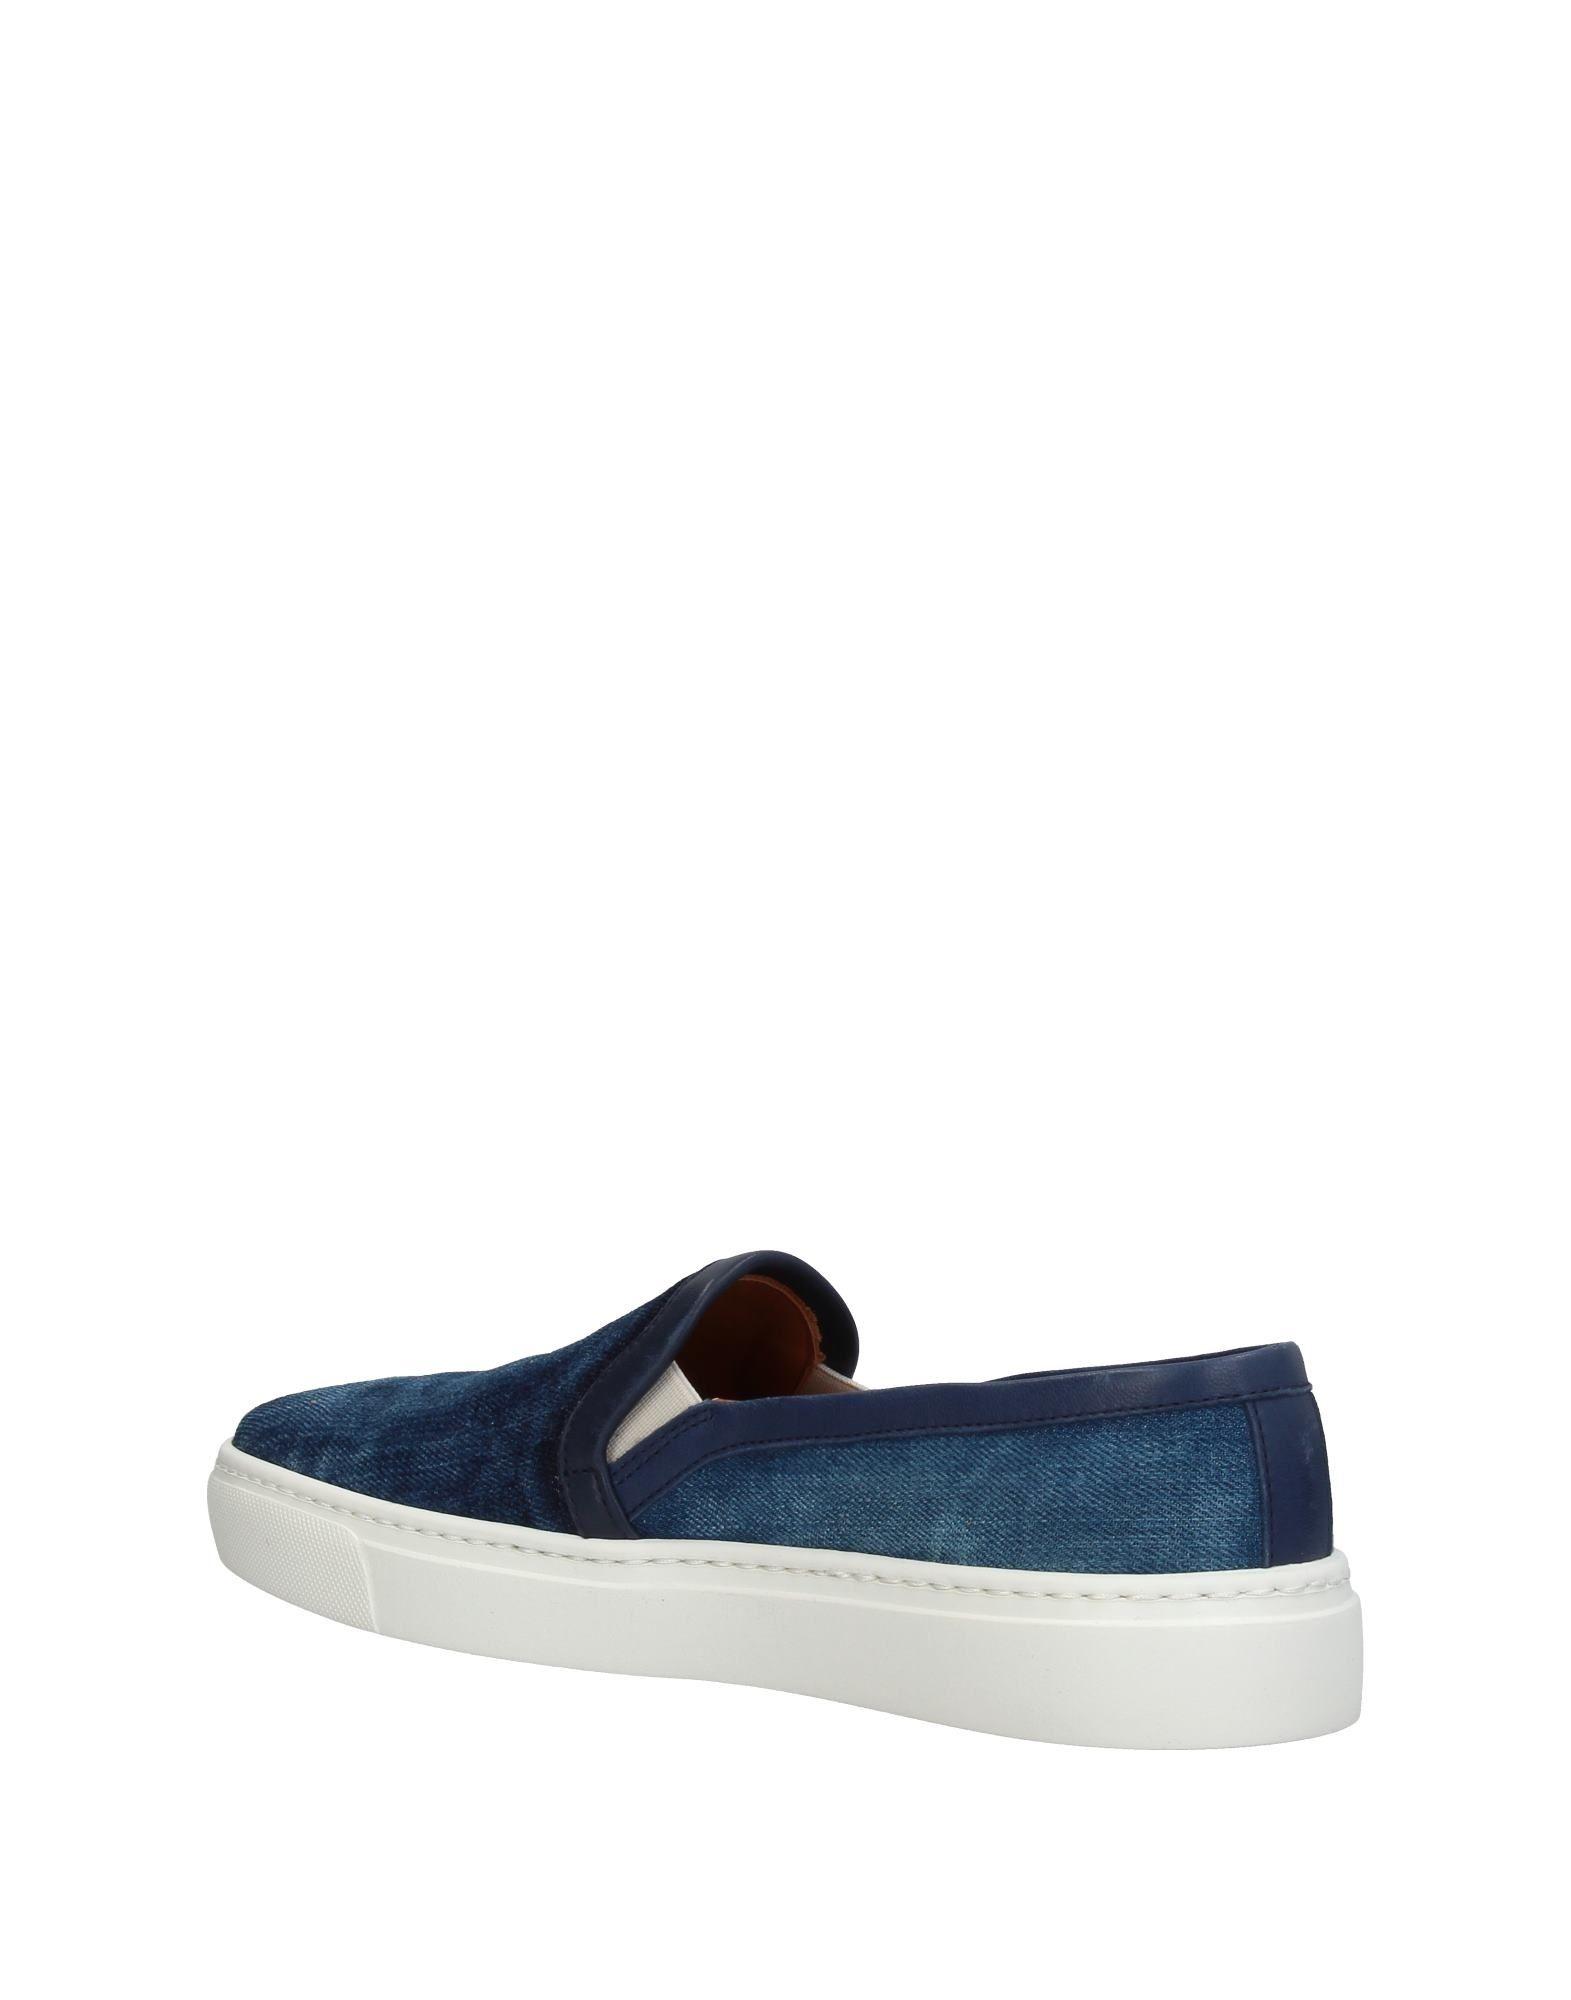 Doucal's Sneakers Damen  11408083RG Gute Qualität beliebte Schuhe Schuhe Schuhe 6af8d7